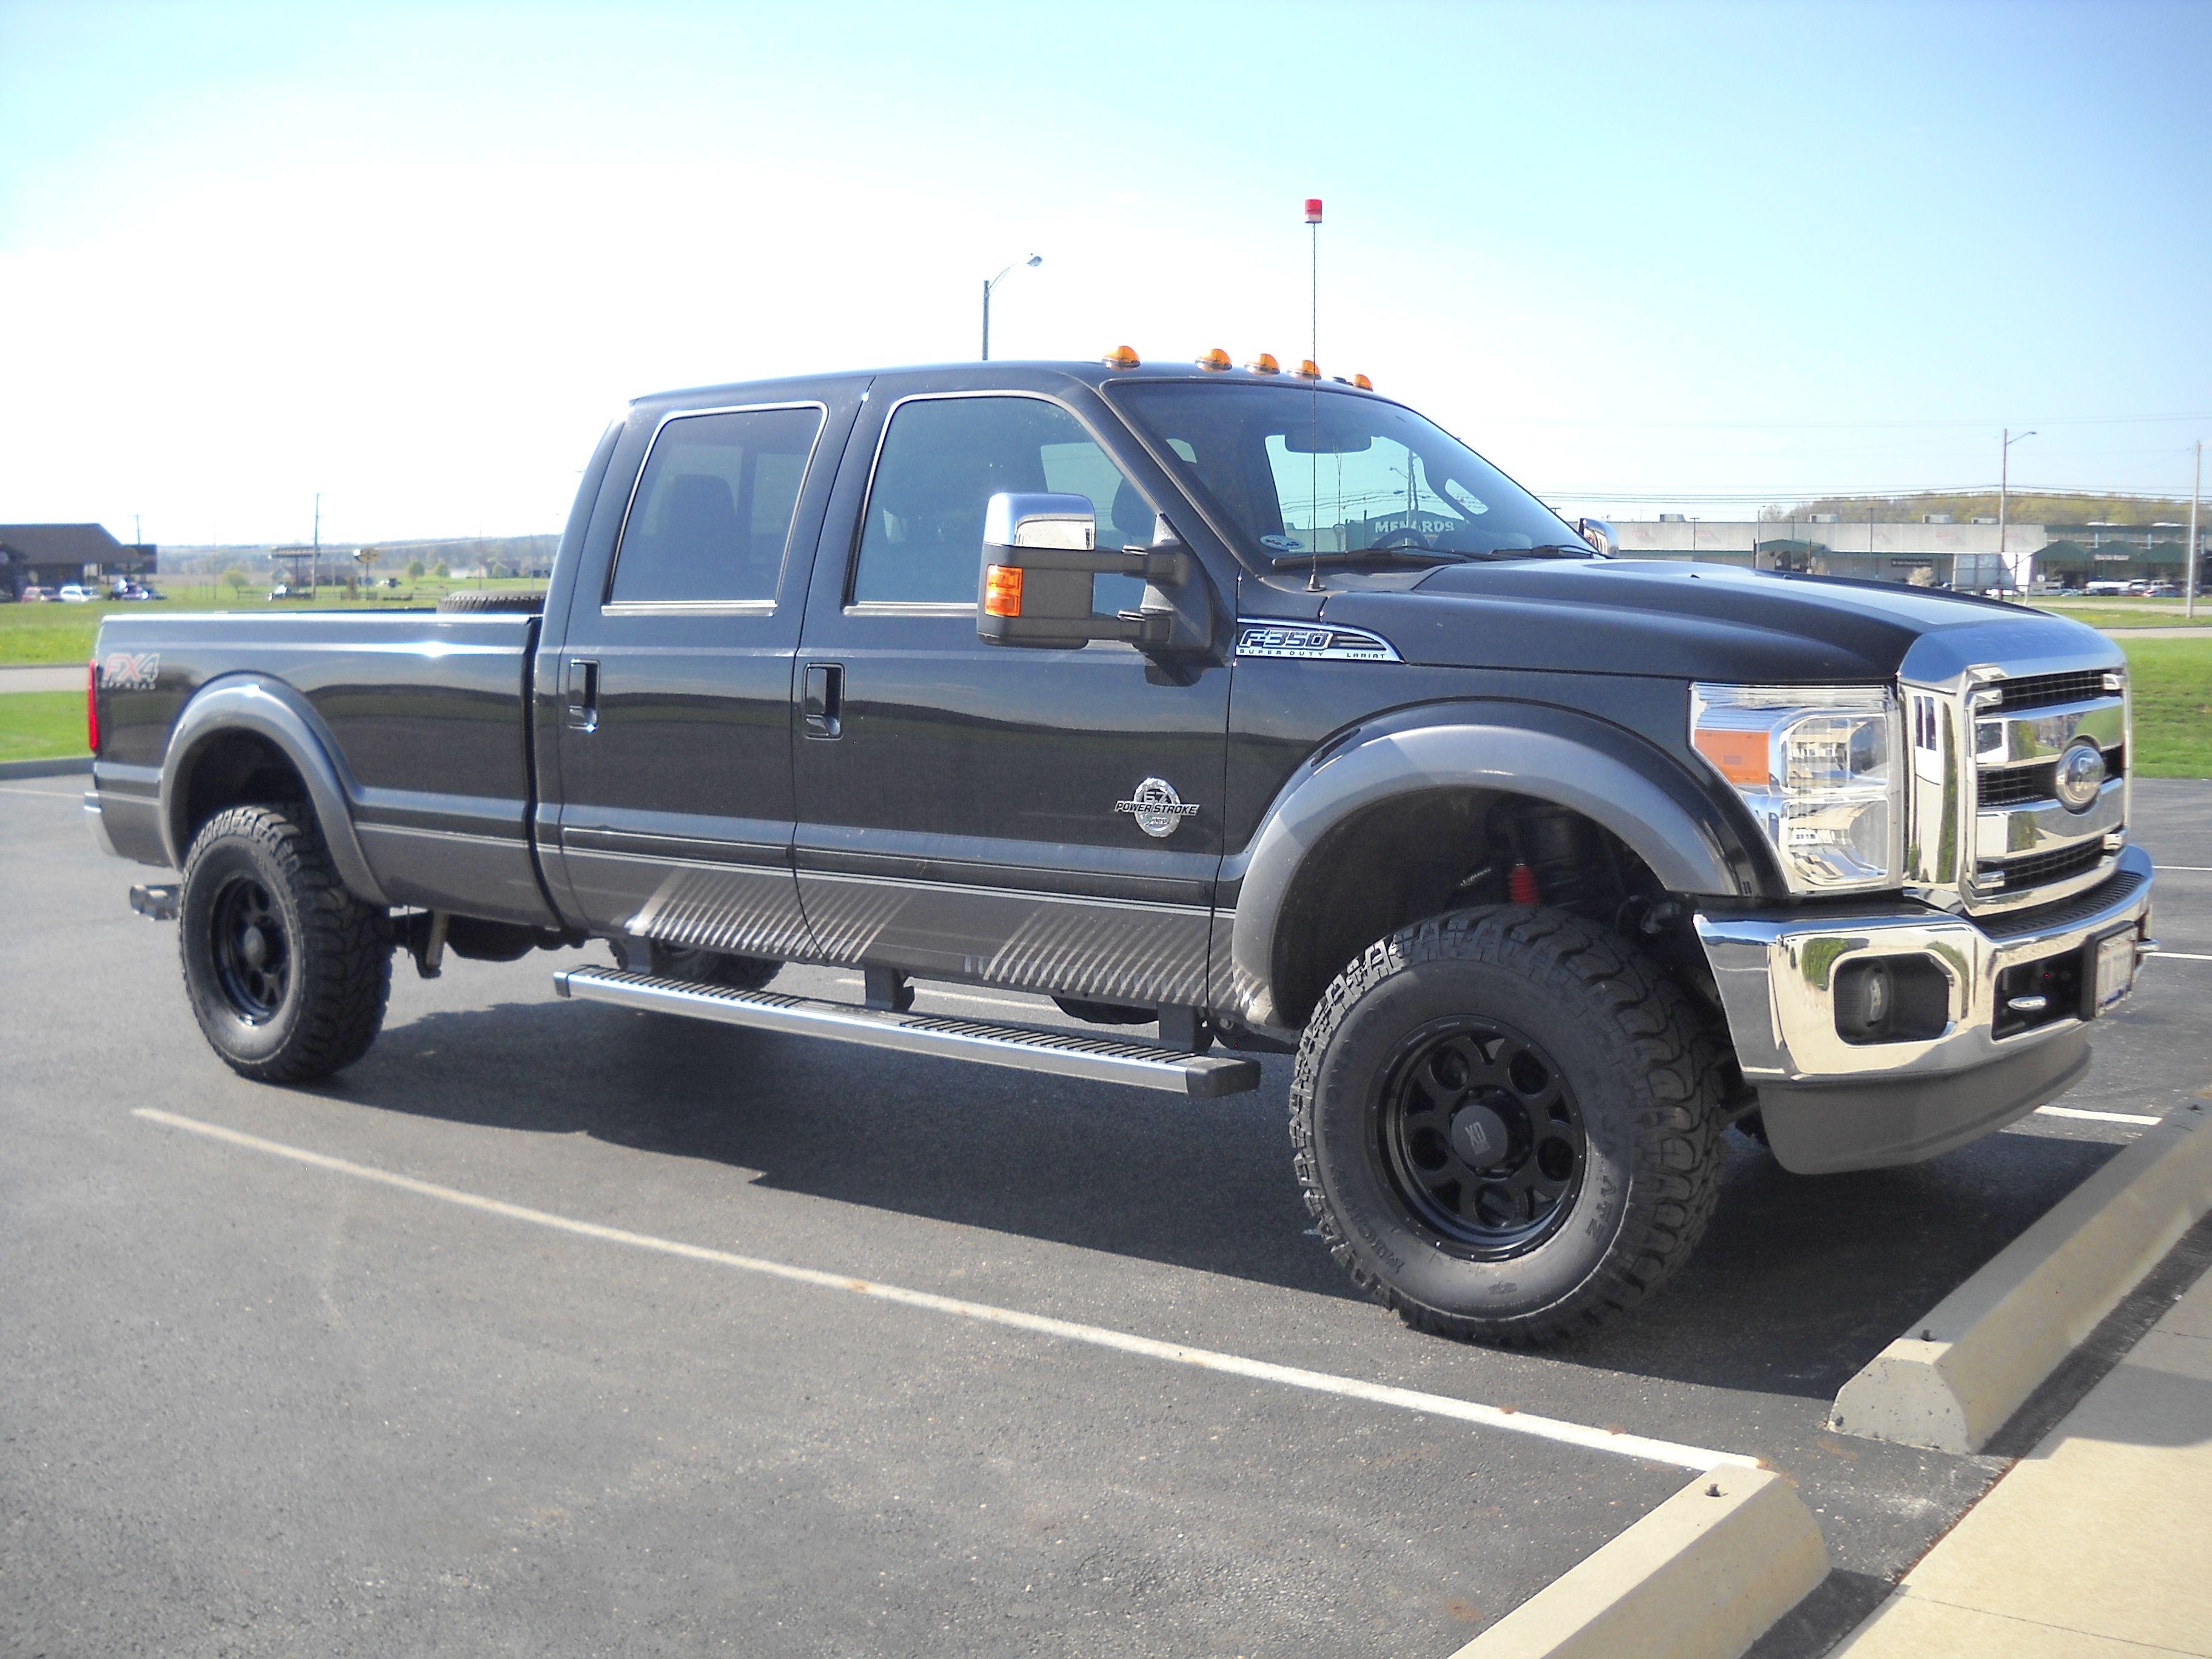 taylor mt Truck bed accessories, Chevy silverado